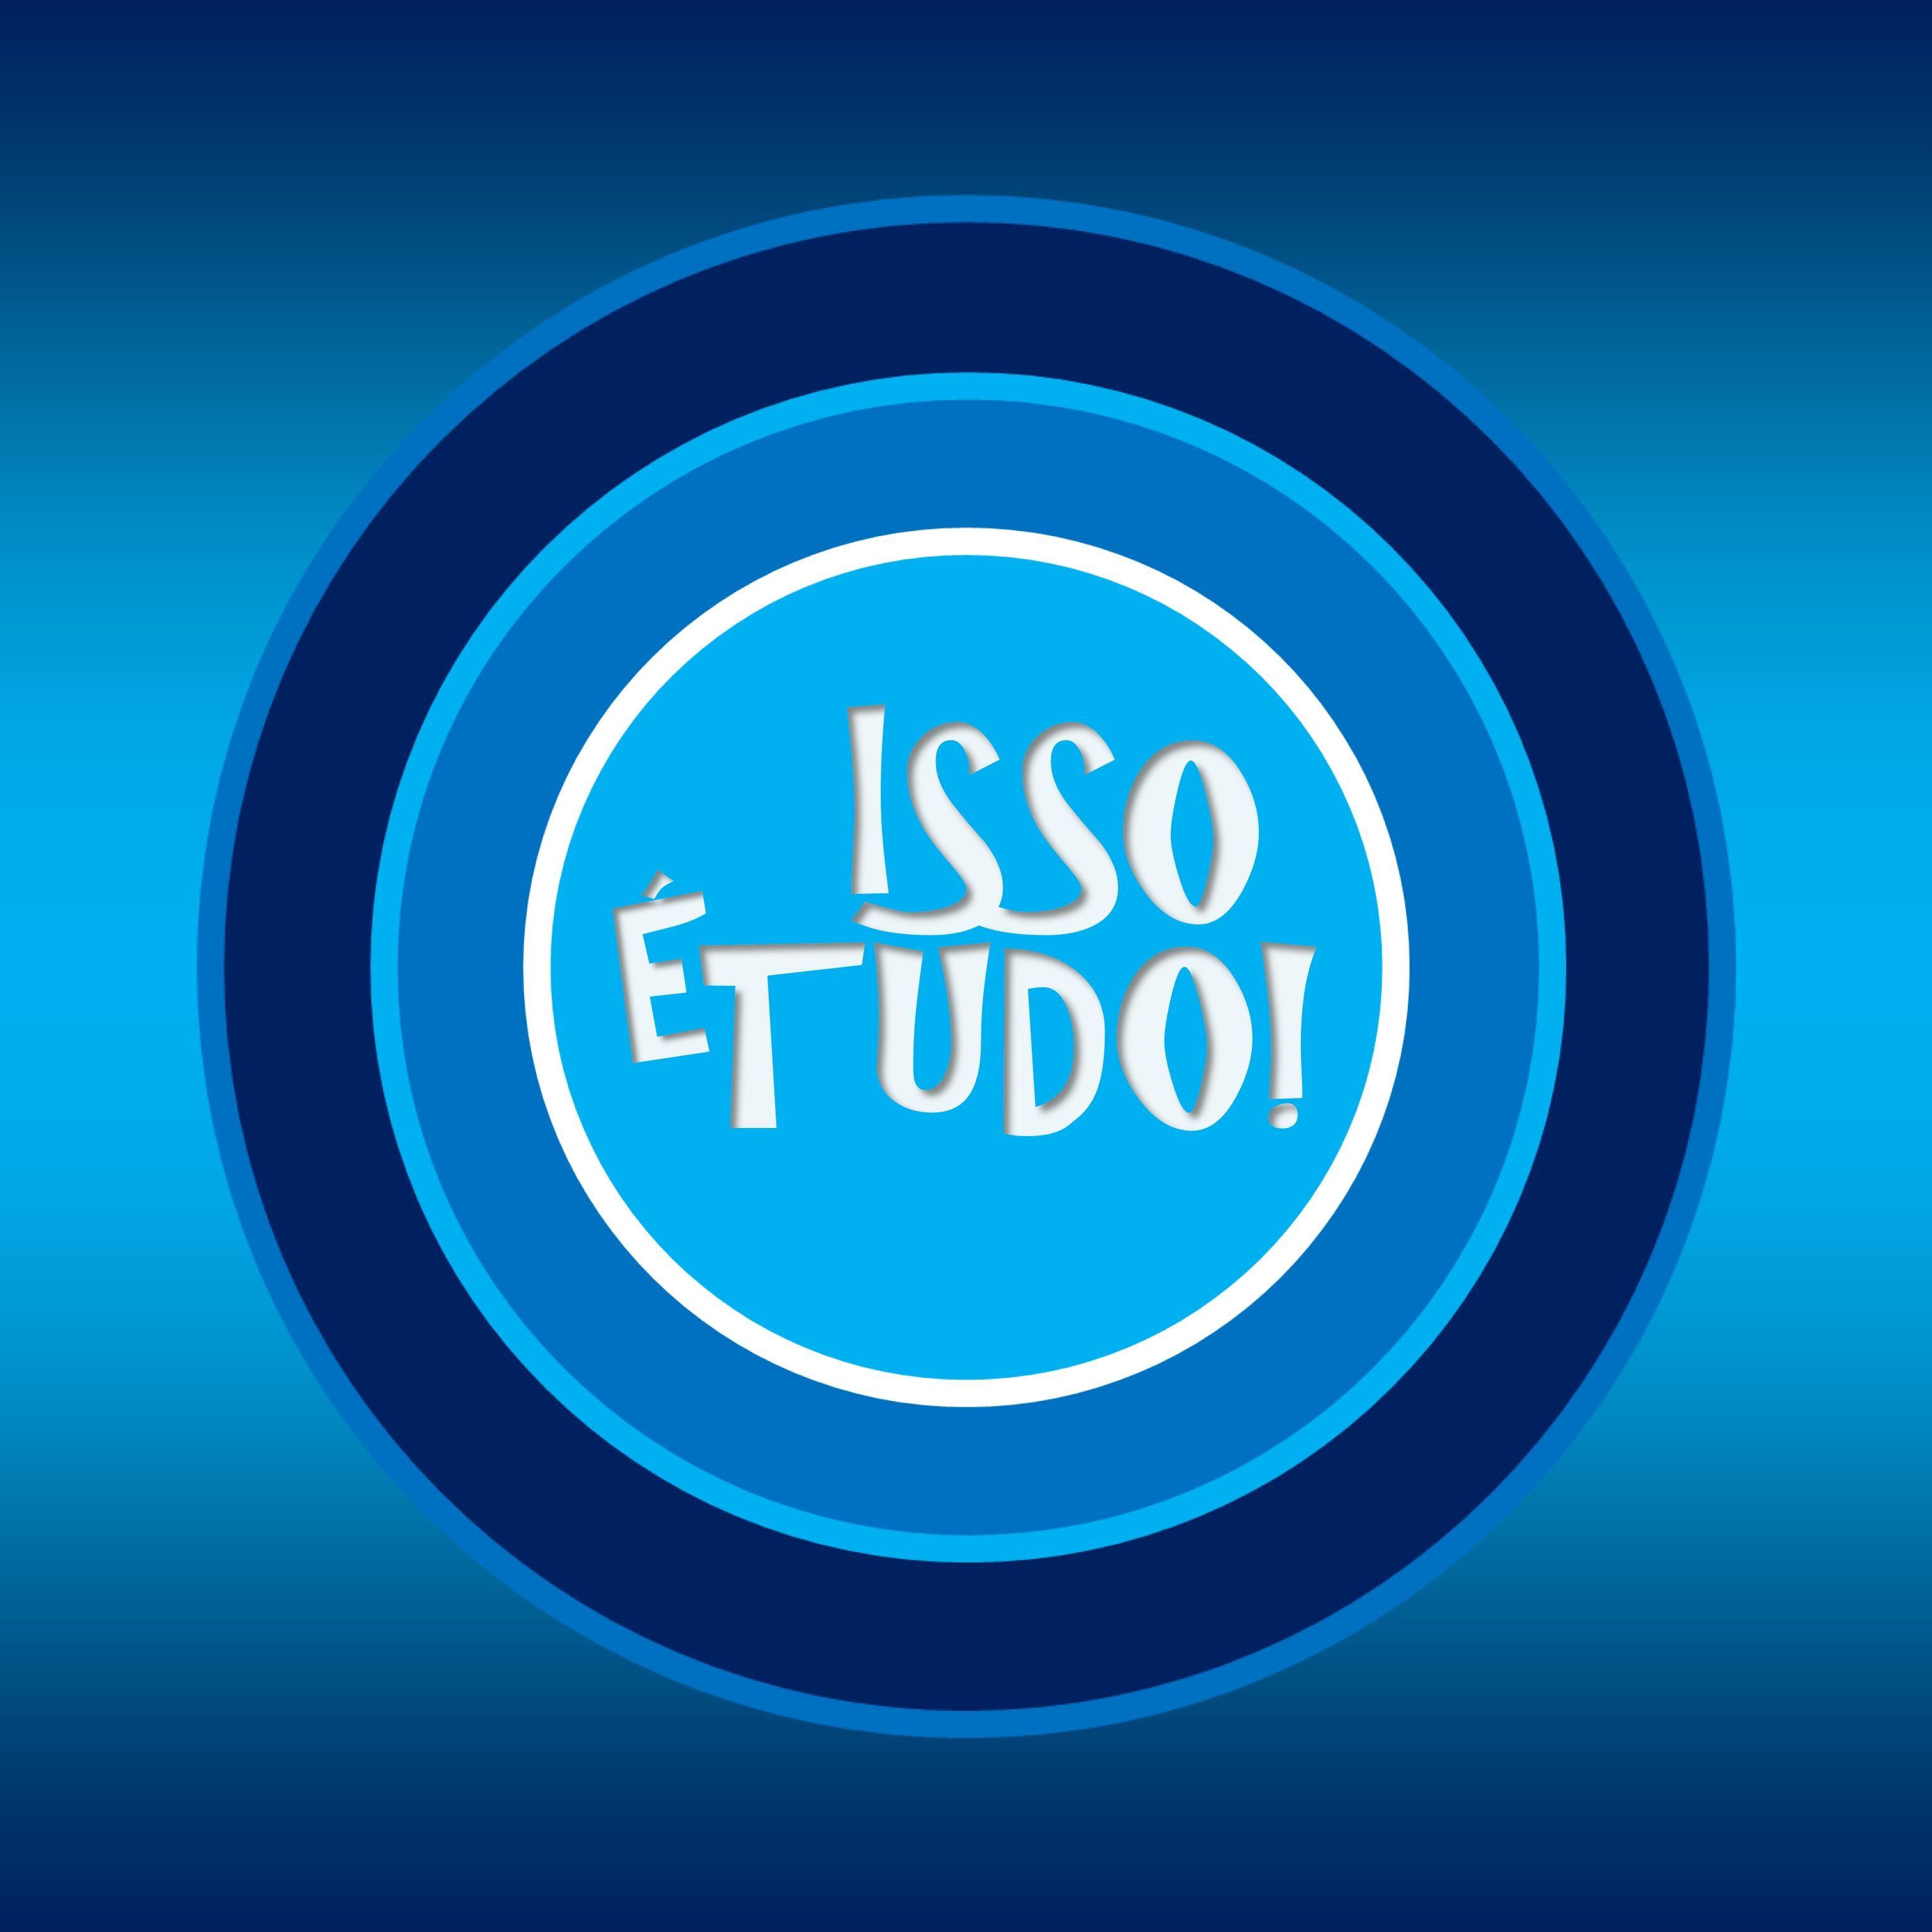 Dengue Na Favela - Isso É Tudo! - LETRAS.MUS.BR 8f593df67bc9c